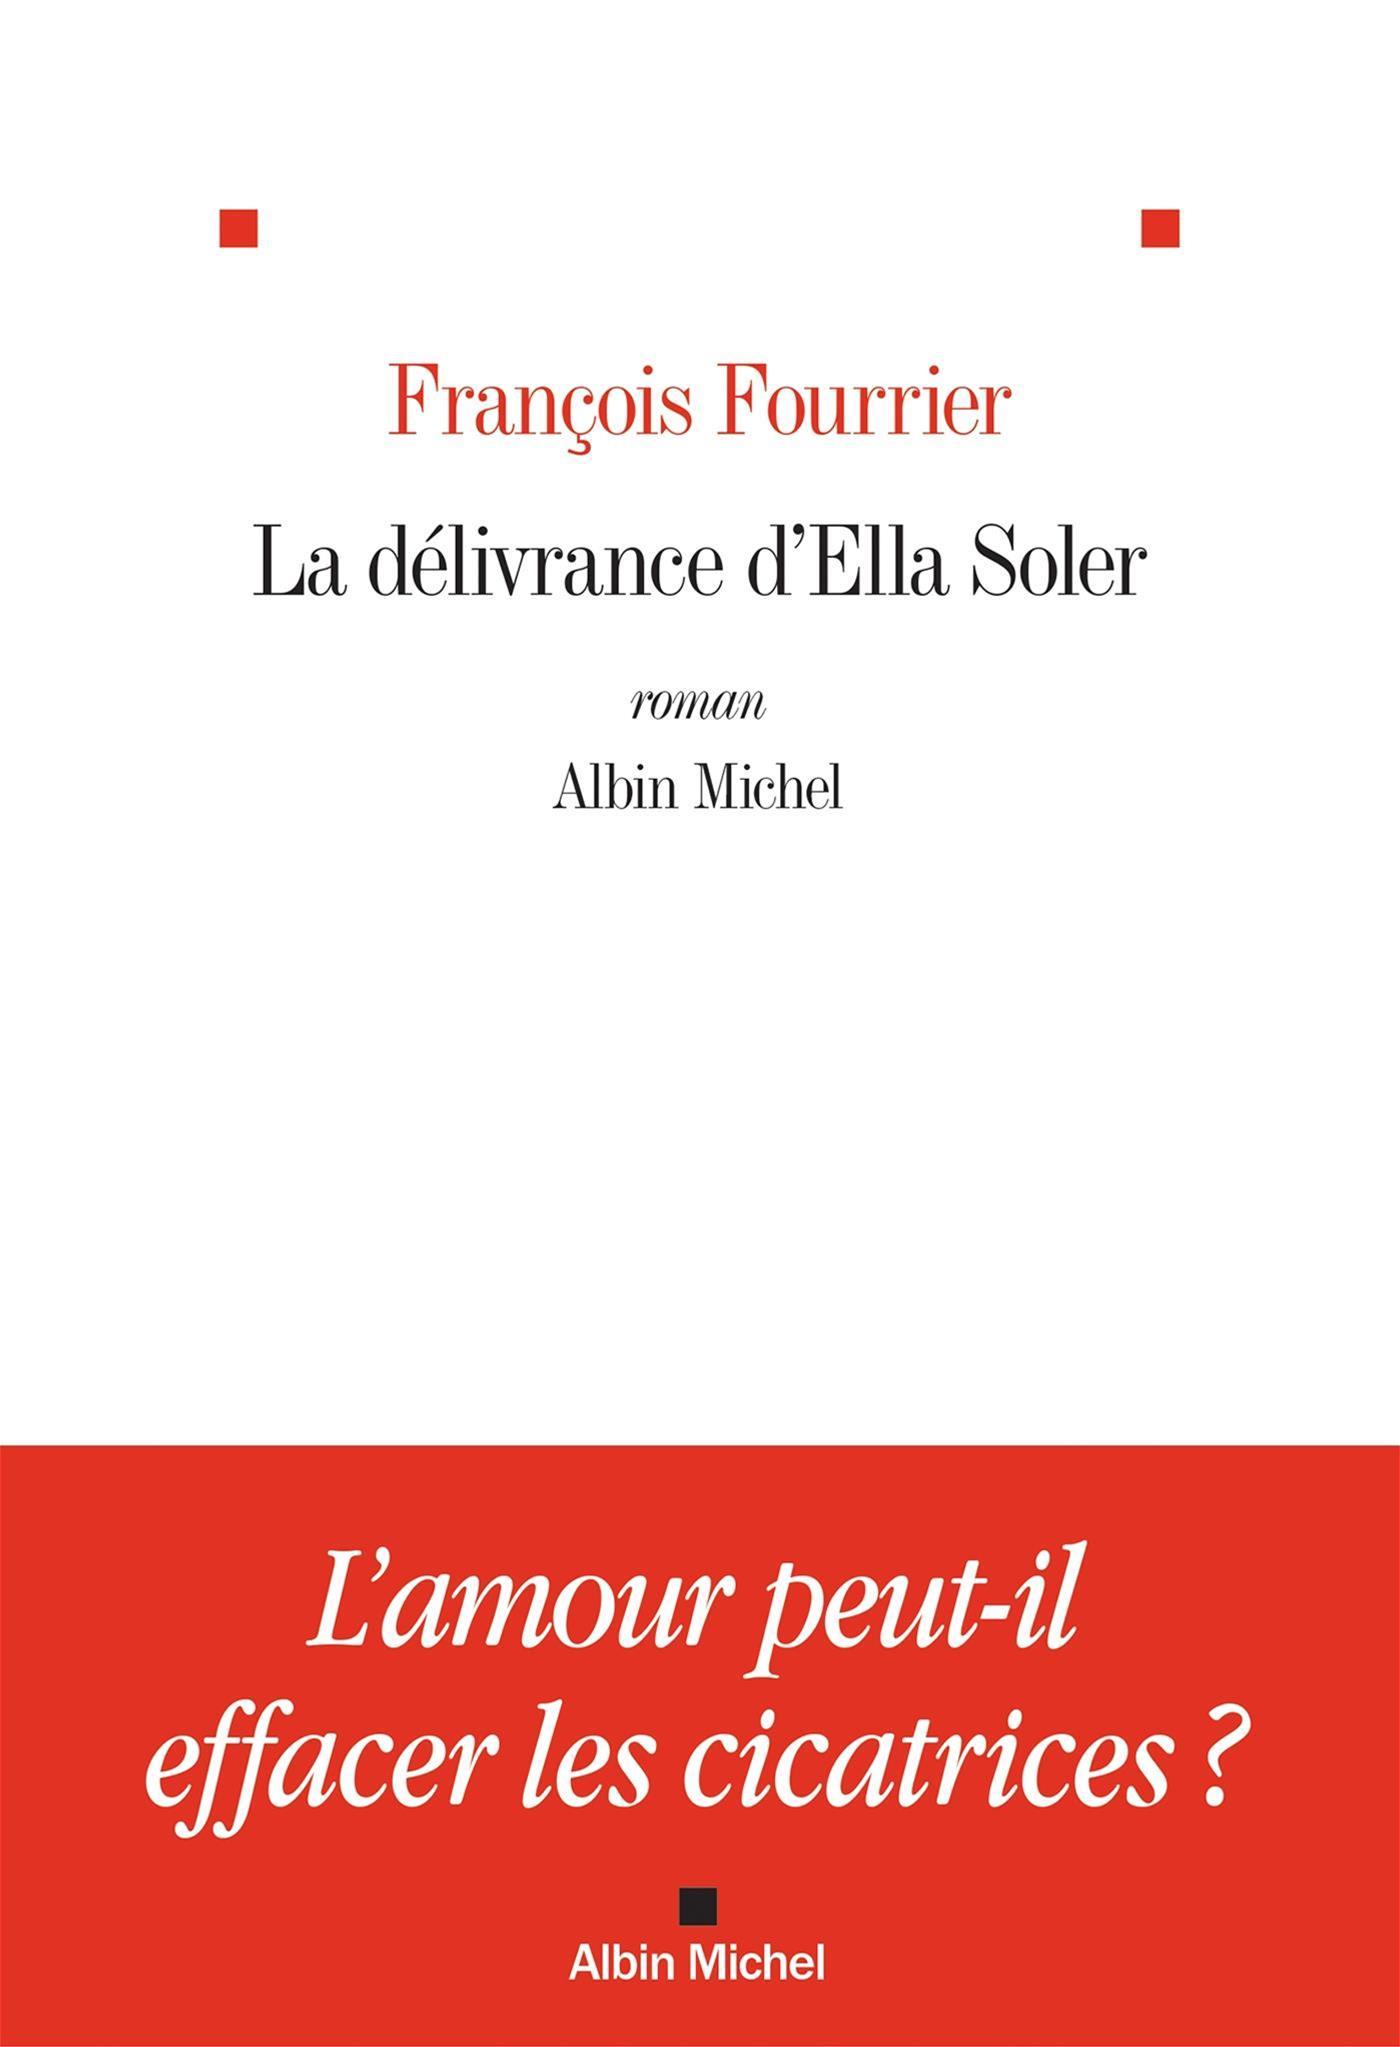 La La Délivrance d'Ella Soler